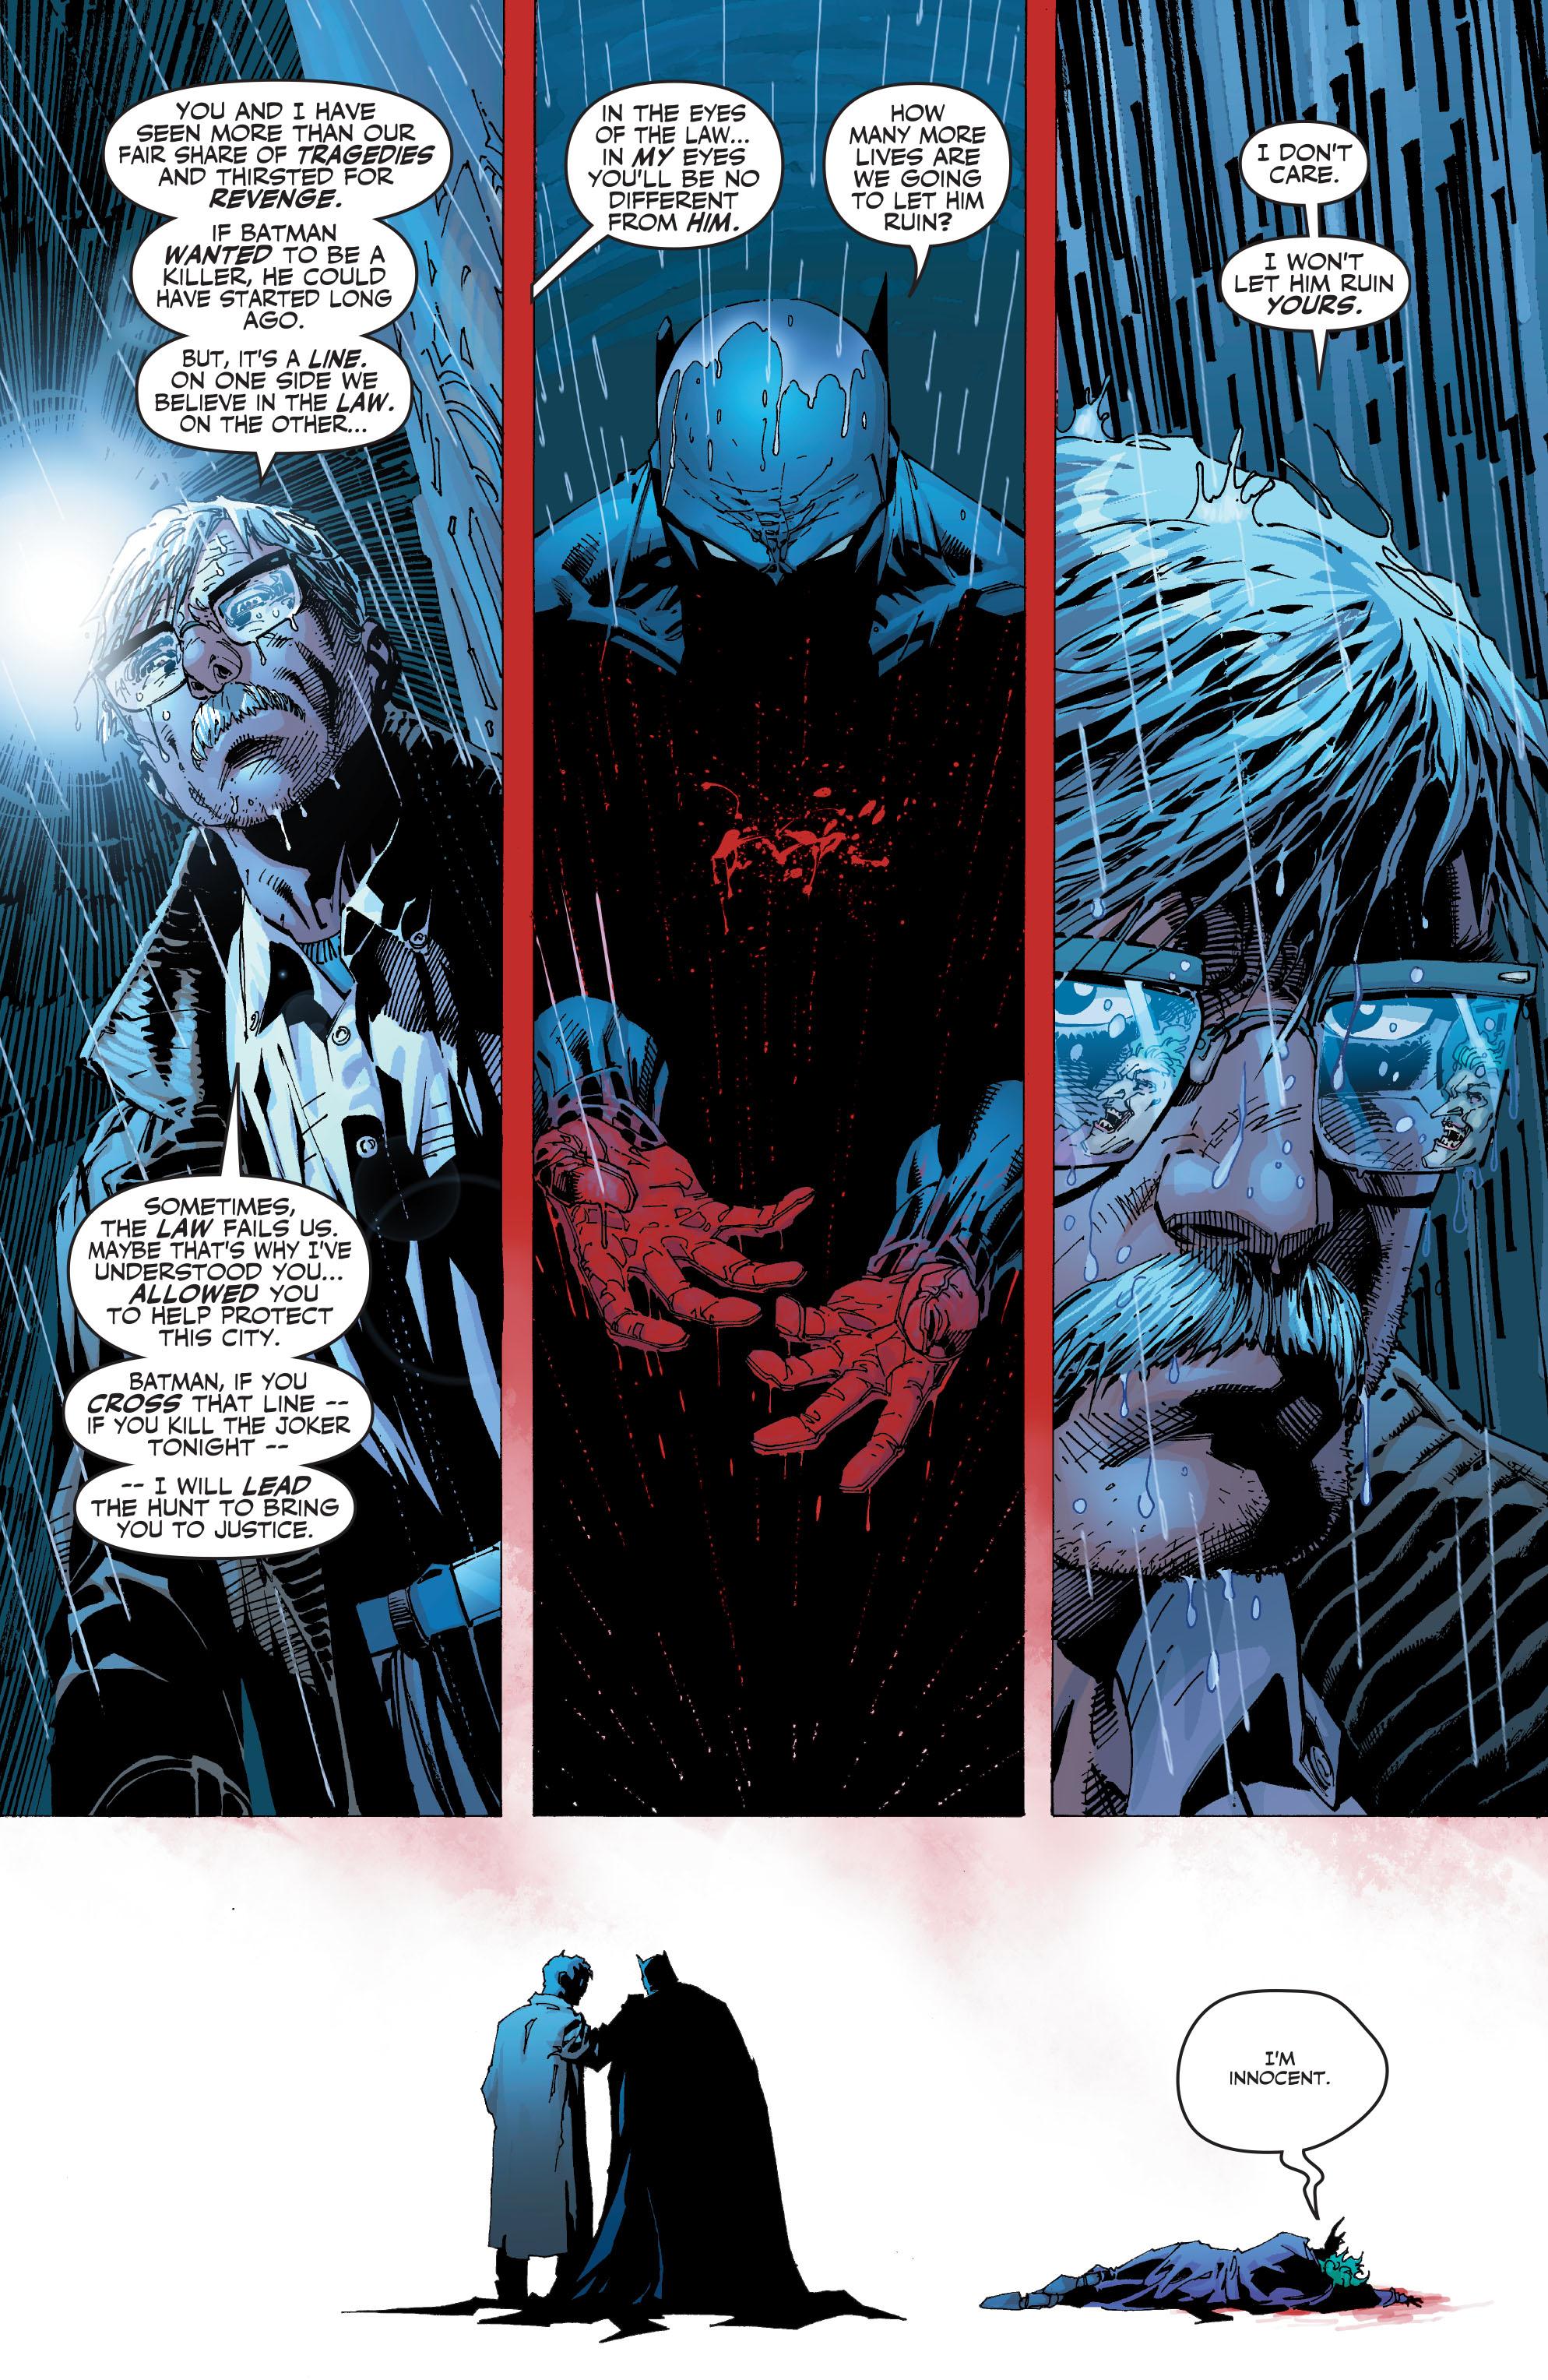 Psychology of Bruce Wayne SgkG6BKP6tCy8XIvFzqU3qWOeYvfStYQ7Ge-fVGxCGJJY0uPqR4y7fDORUUHMOK4pzEPnXwu8OWK=s0